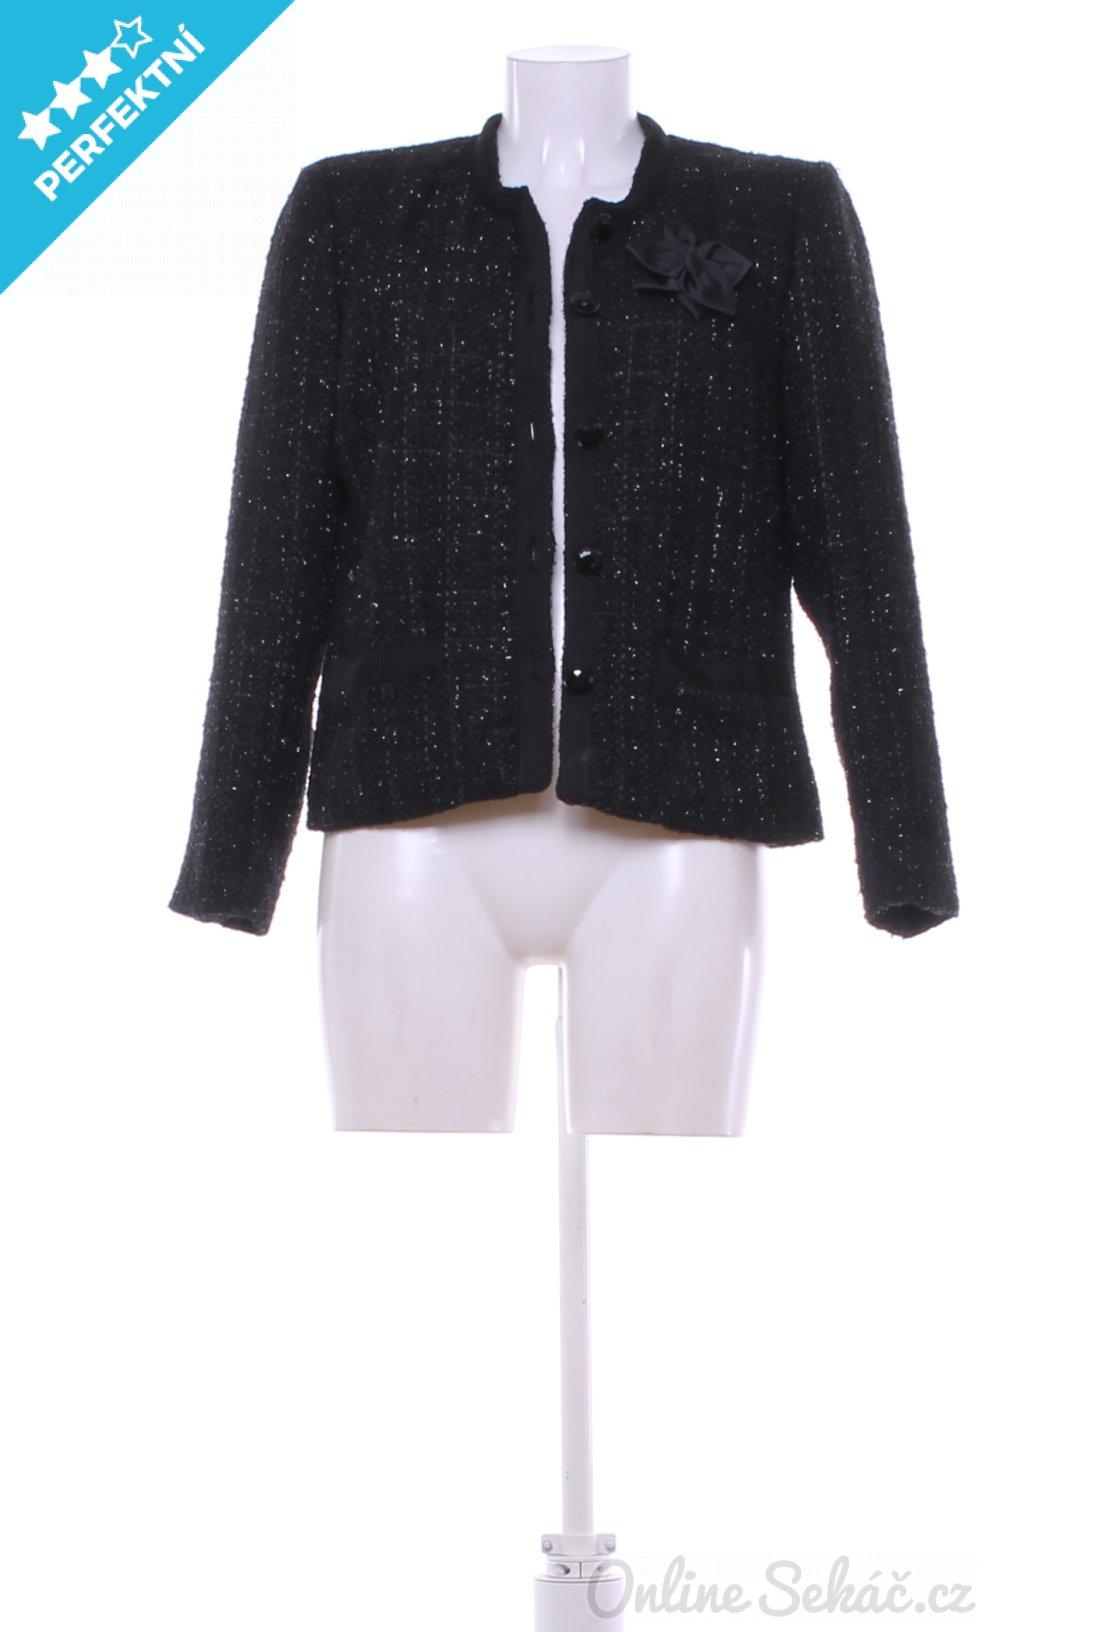 16a97eb759 Second hand   Dámský jarní či podzimní kabát TCHIBO L